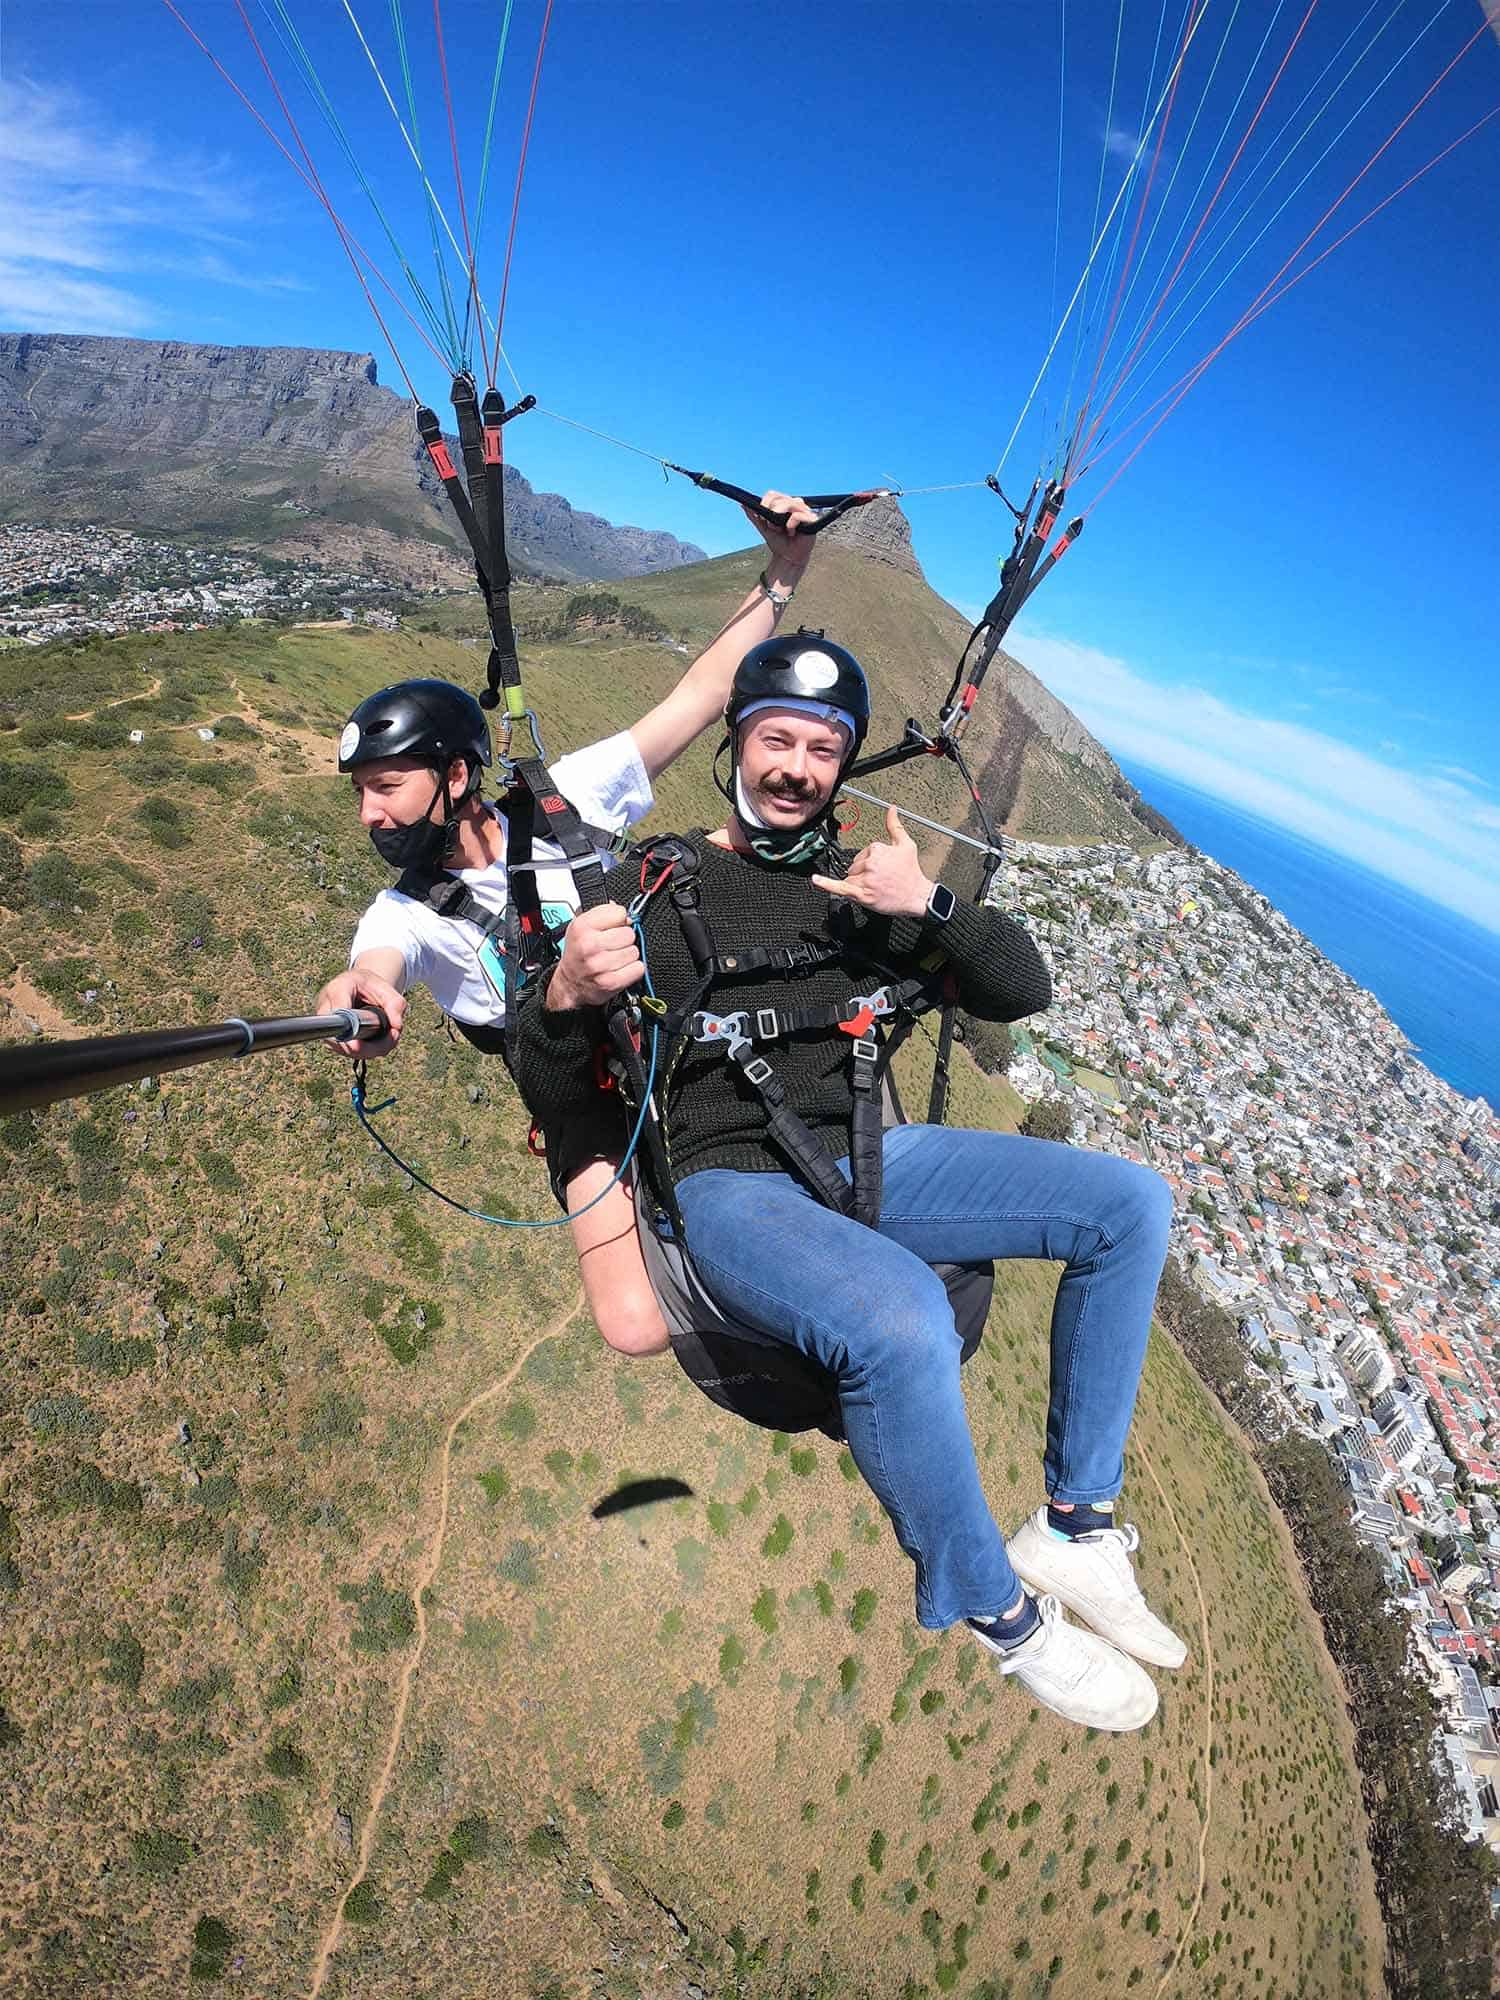 cape-hope-paragliding-36-min